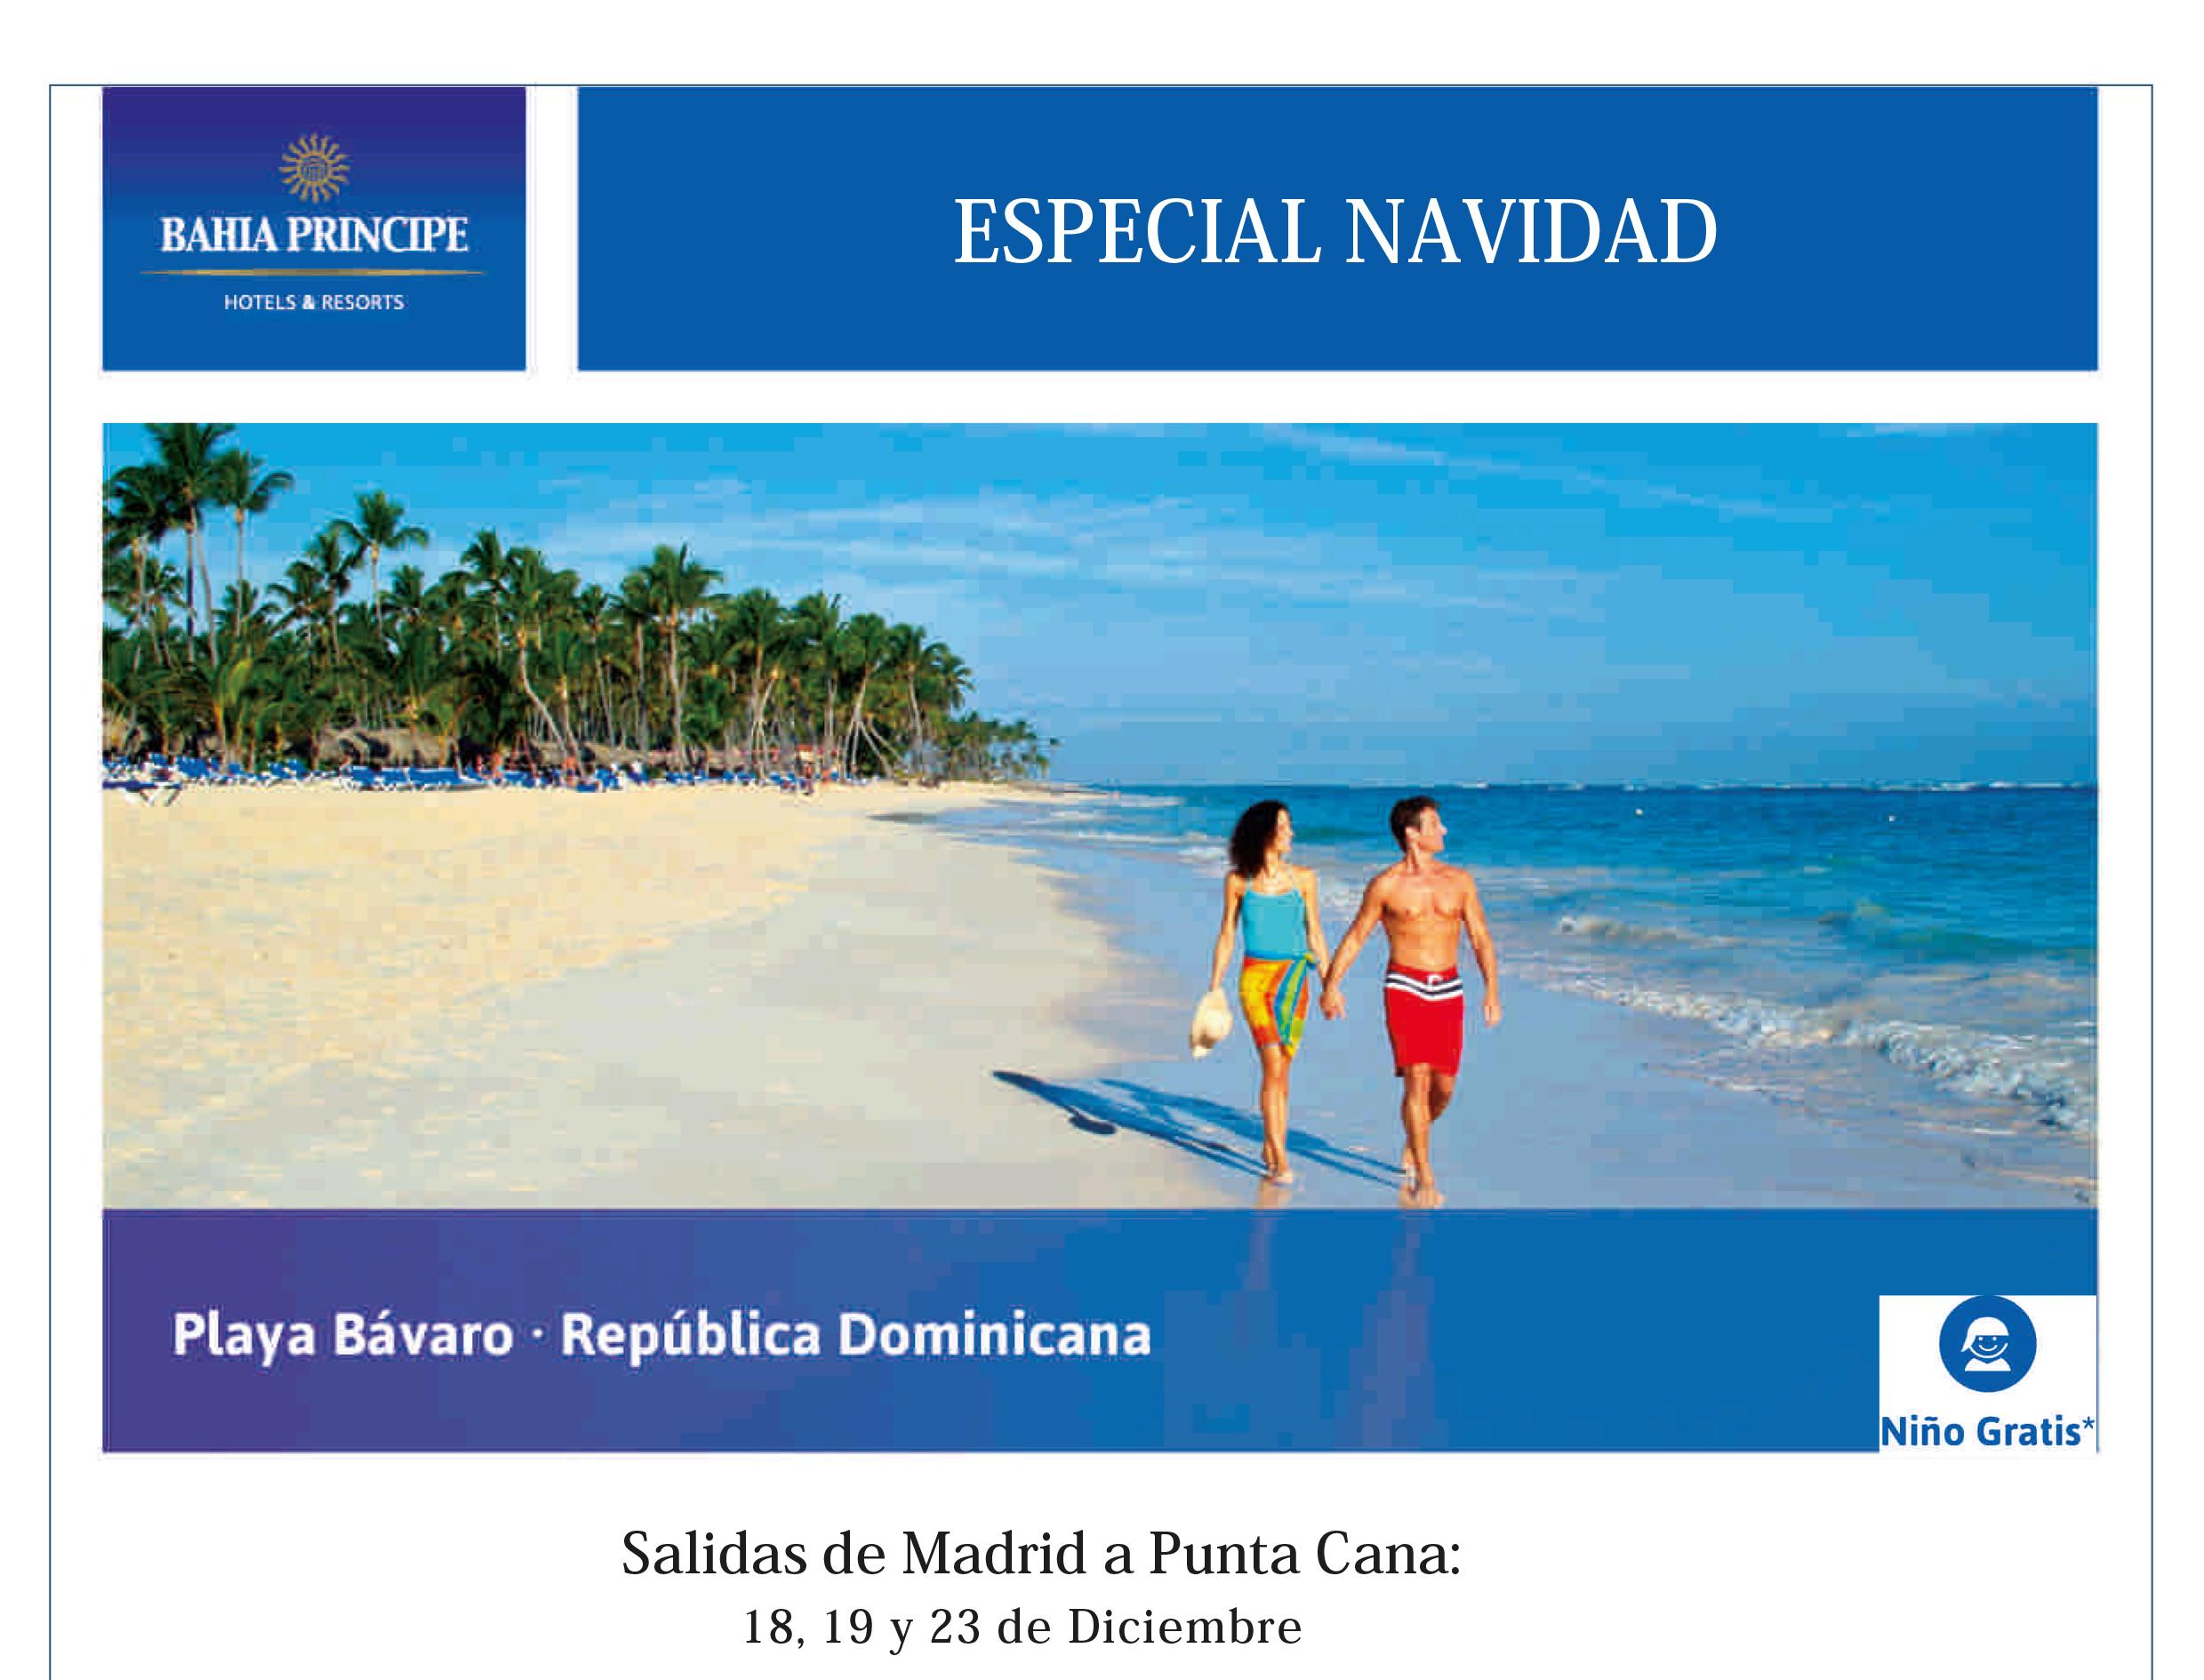 Viaje Especial Fin de Año. Playa Bávaro. República Dominicana